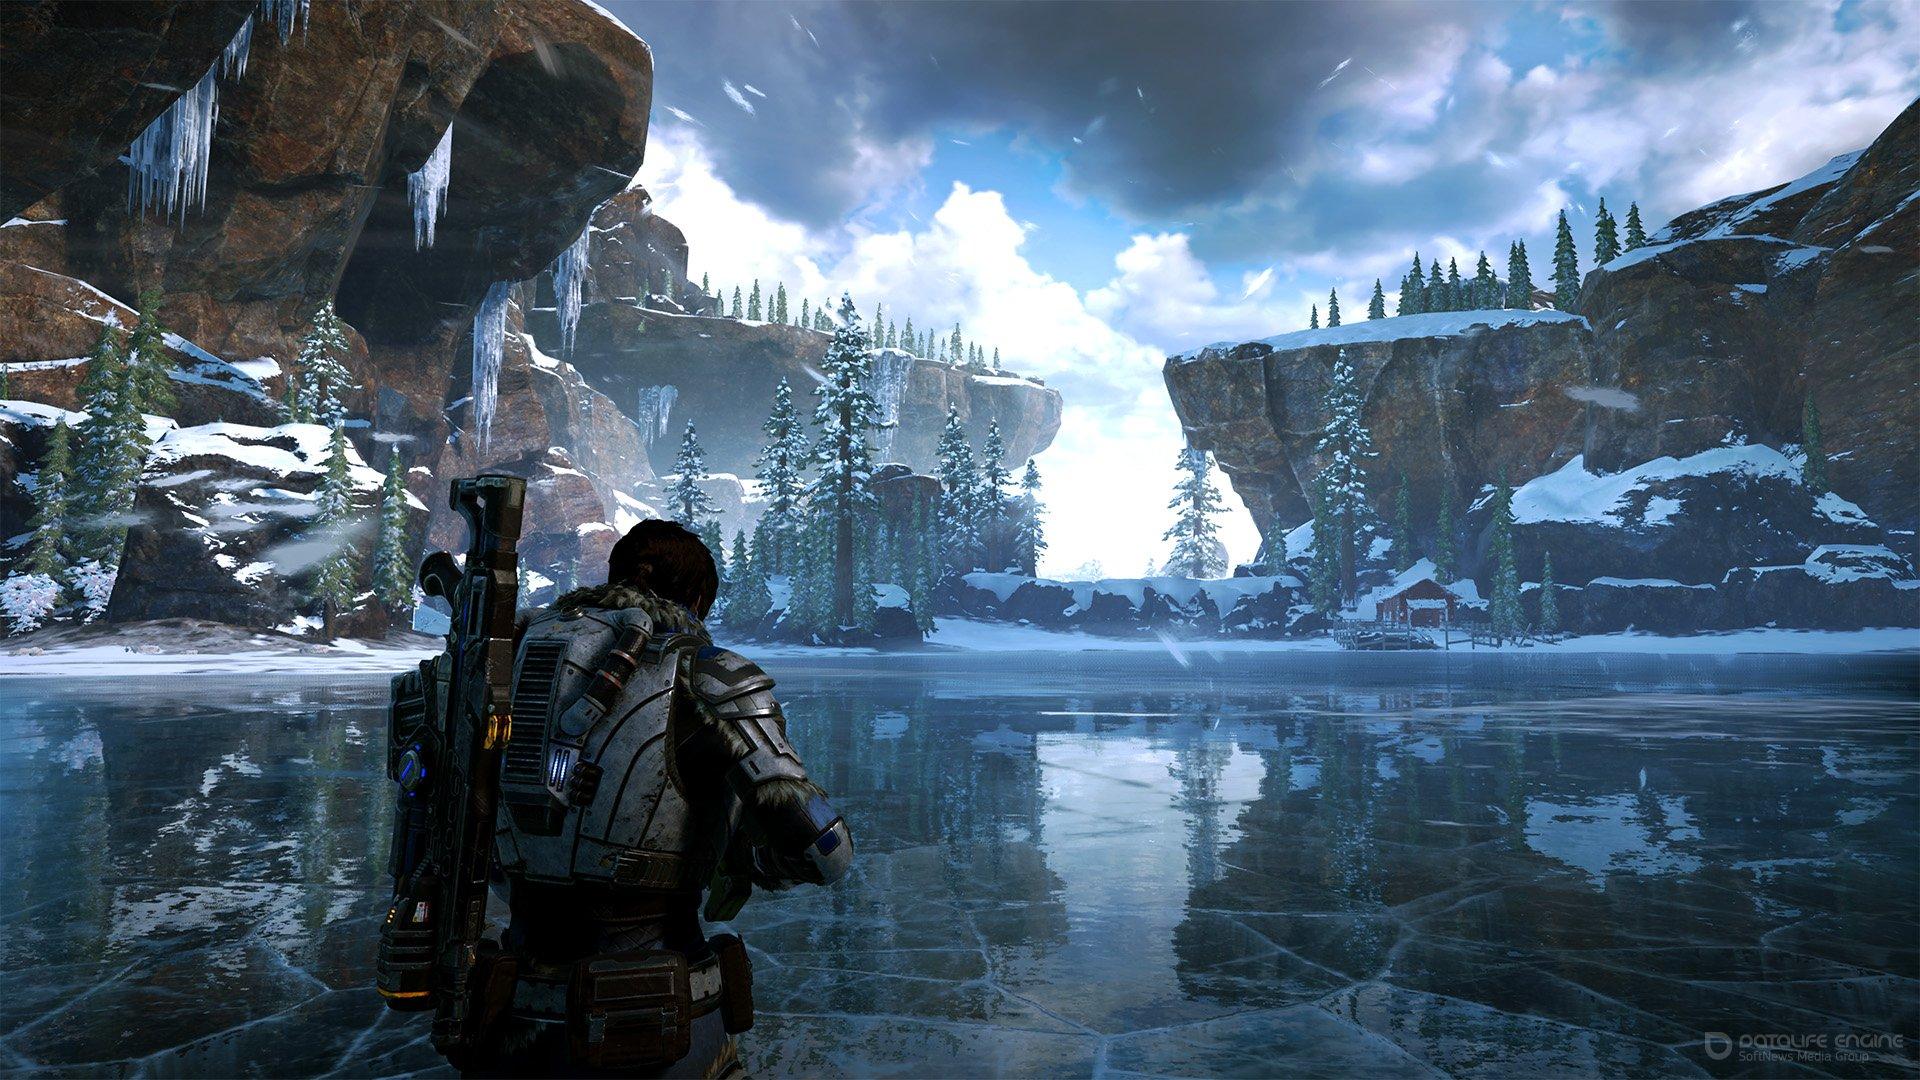 Скриншот к игре Gears 5: Ultimate Edition [v 1.1.97.0 + DLCs] (2019) скачать торрент RePack от R.G. Механики